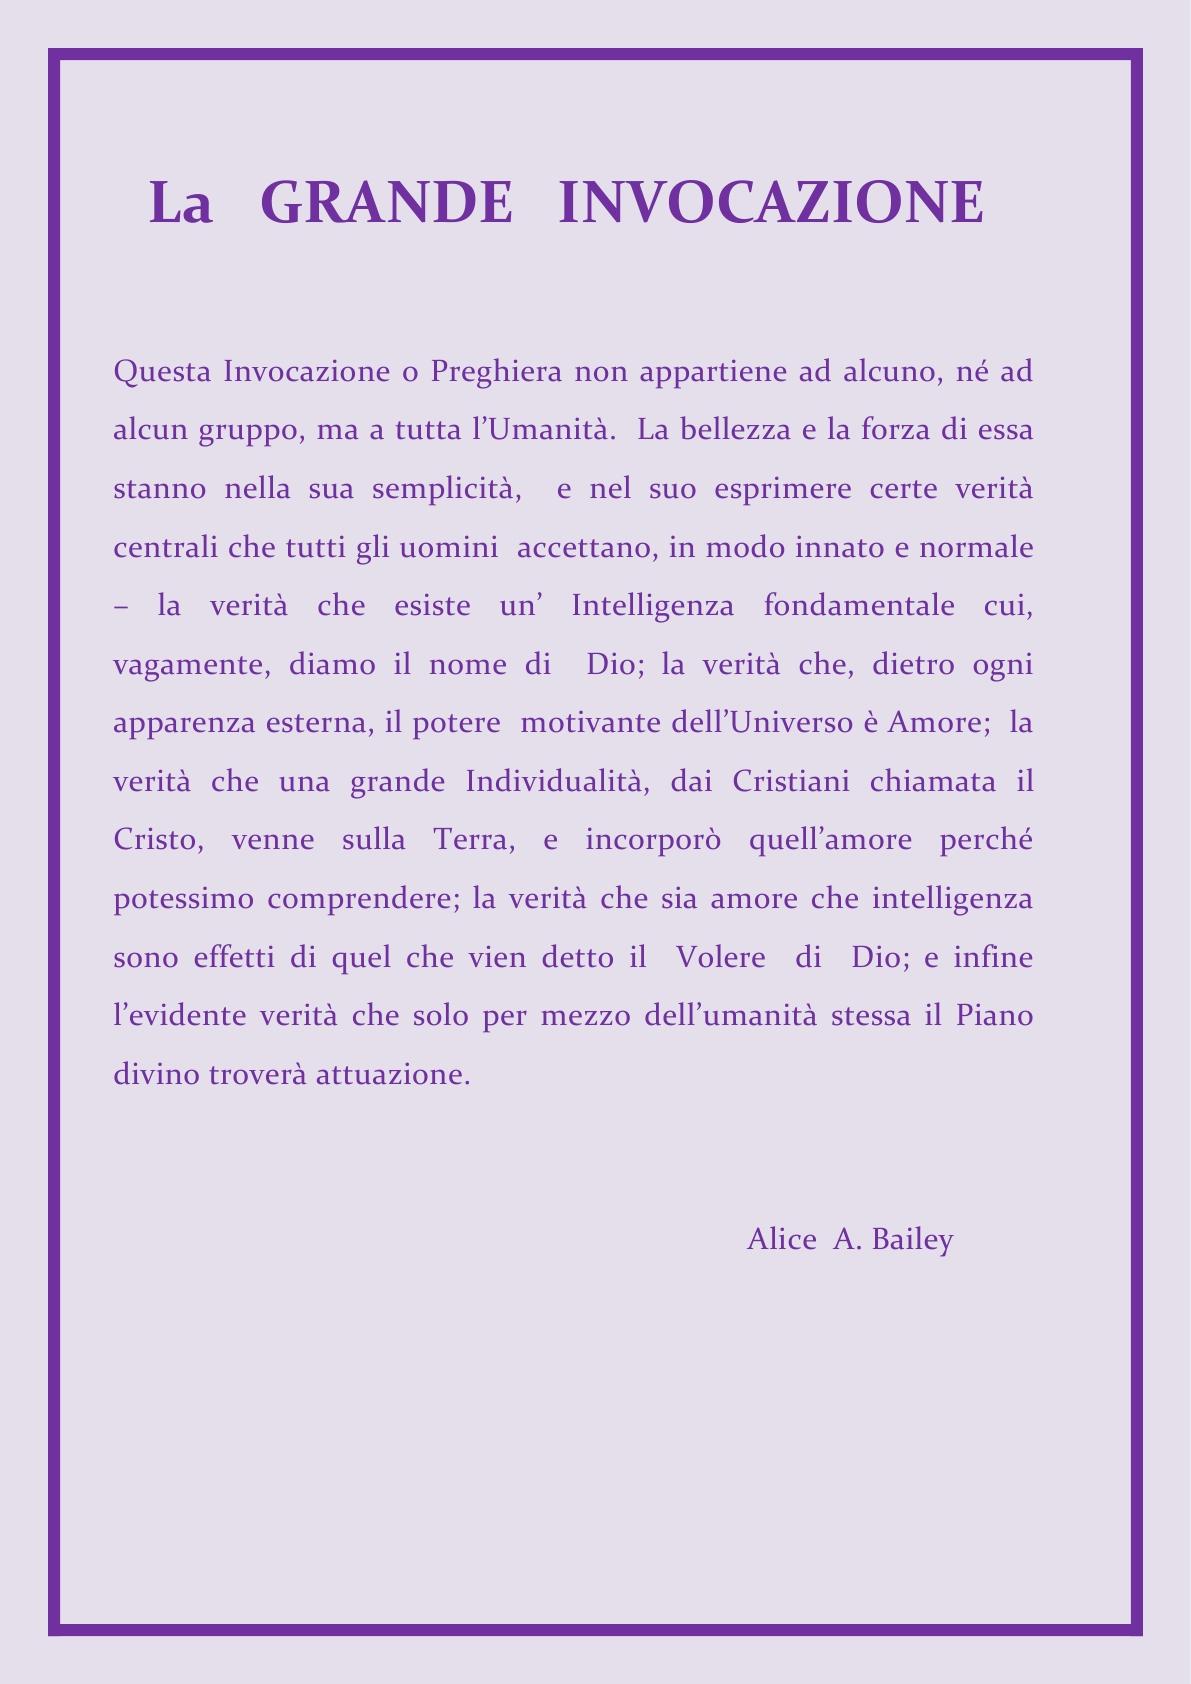 ALI  La Grande Invocazione descrizione A.B.22mar2015